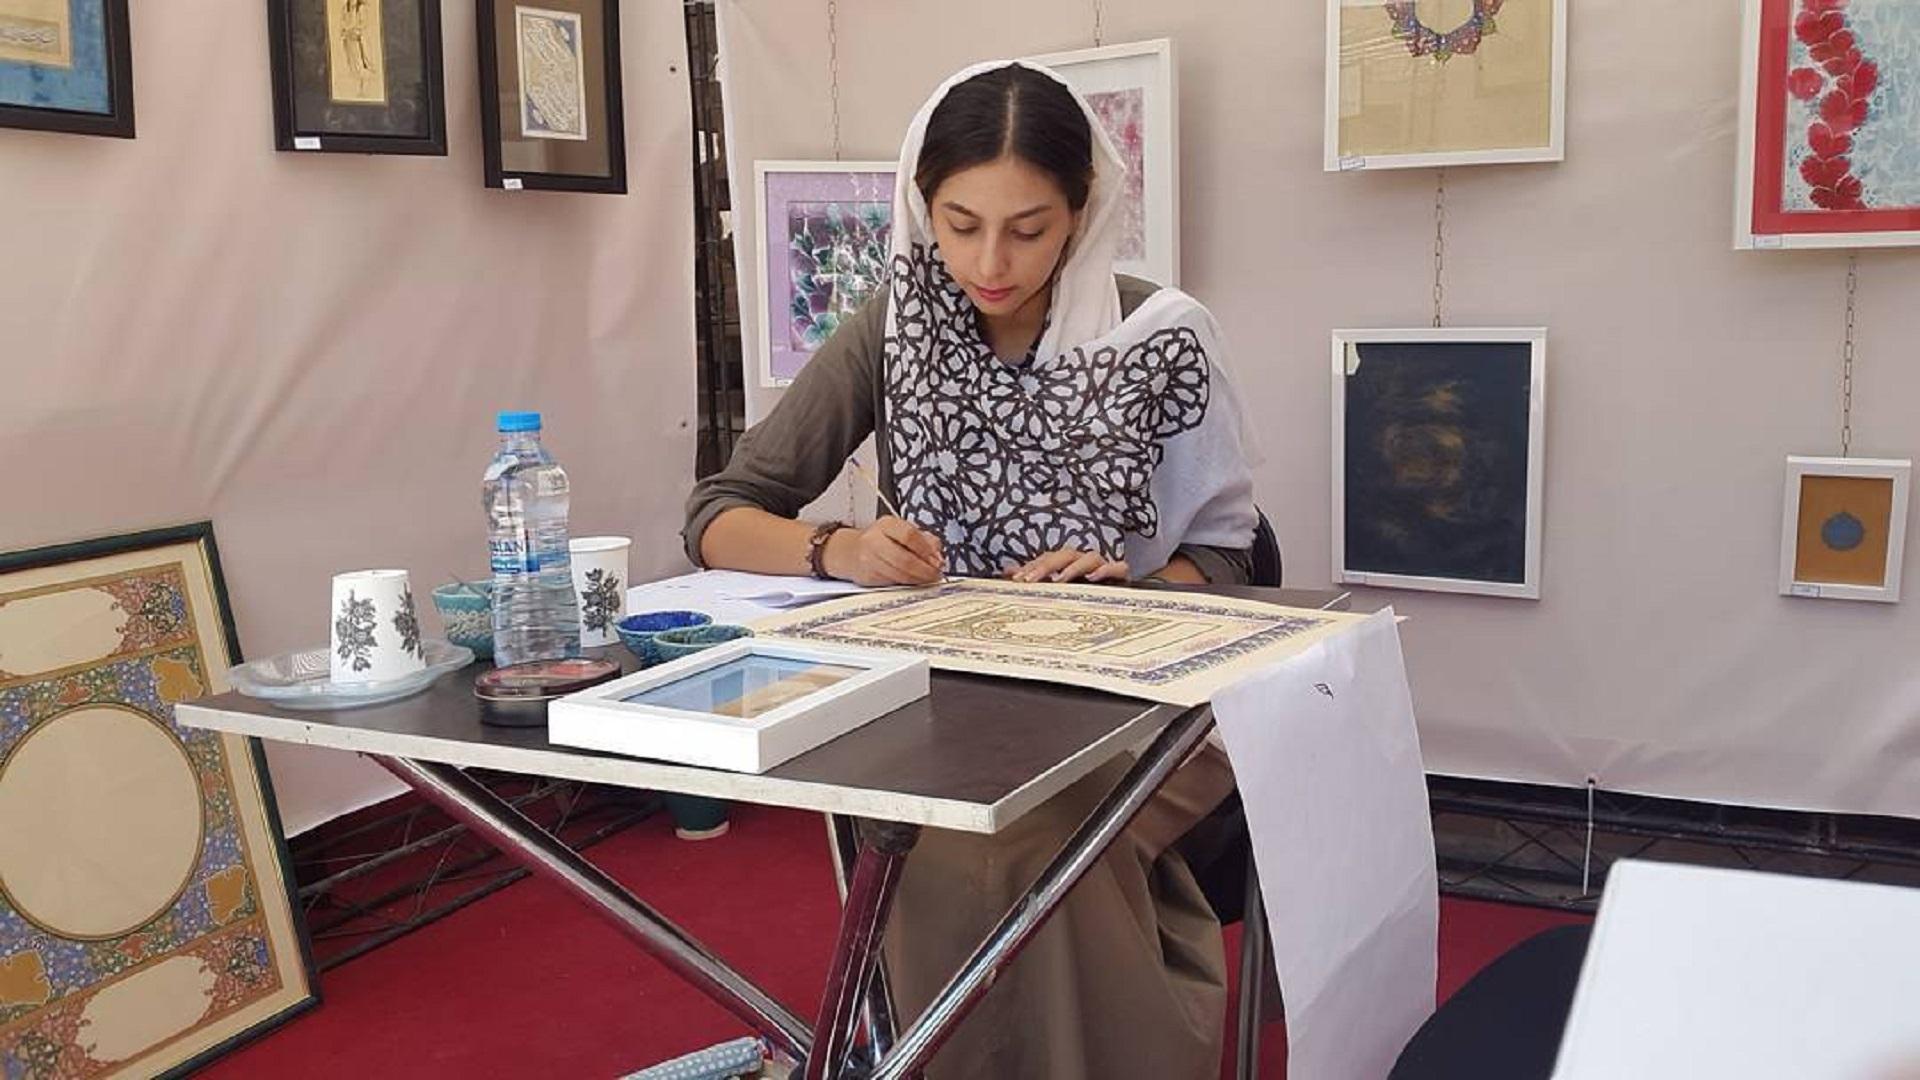 آموزش تذهیب در موسسه فرهنگی هنری آوای جاوید